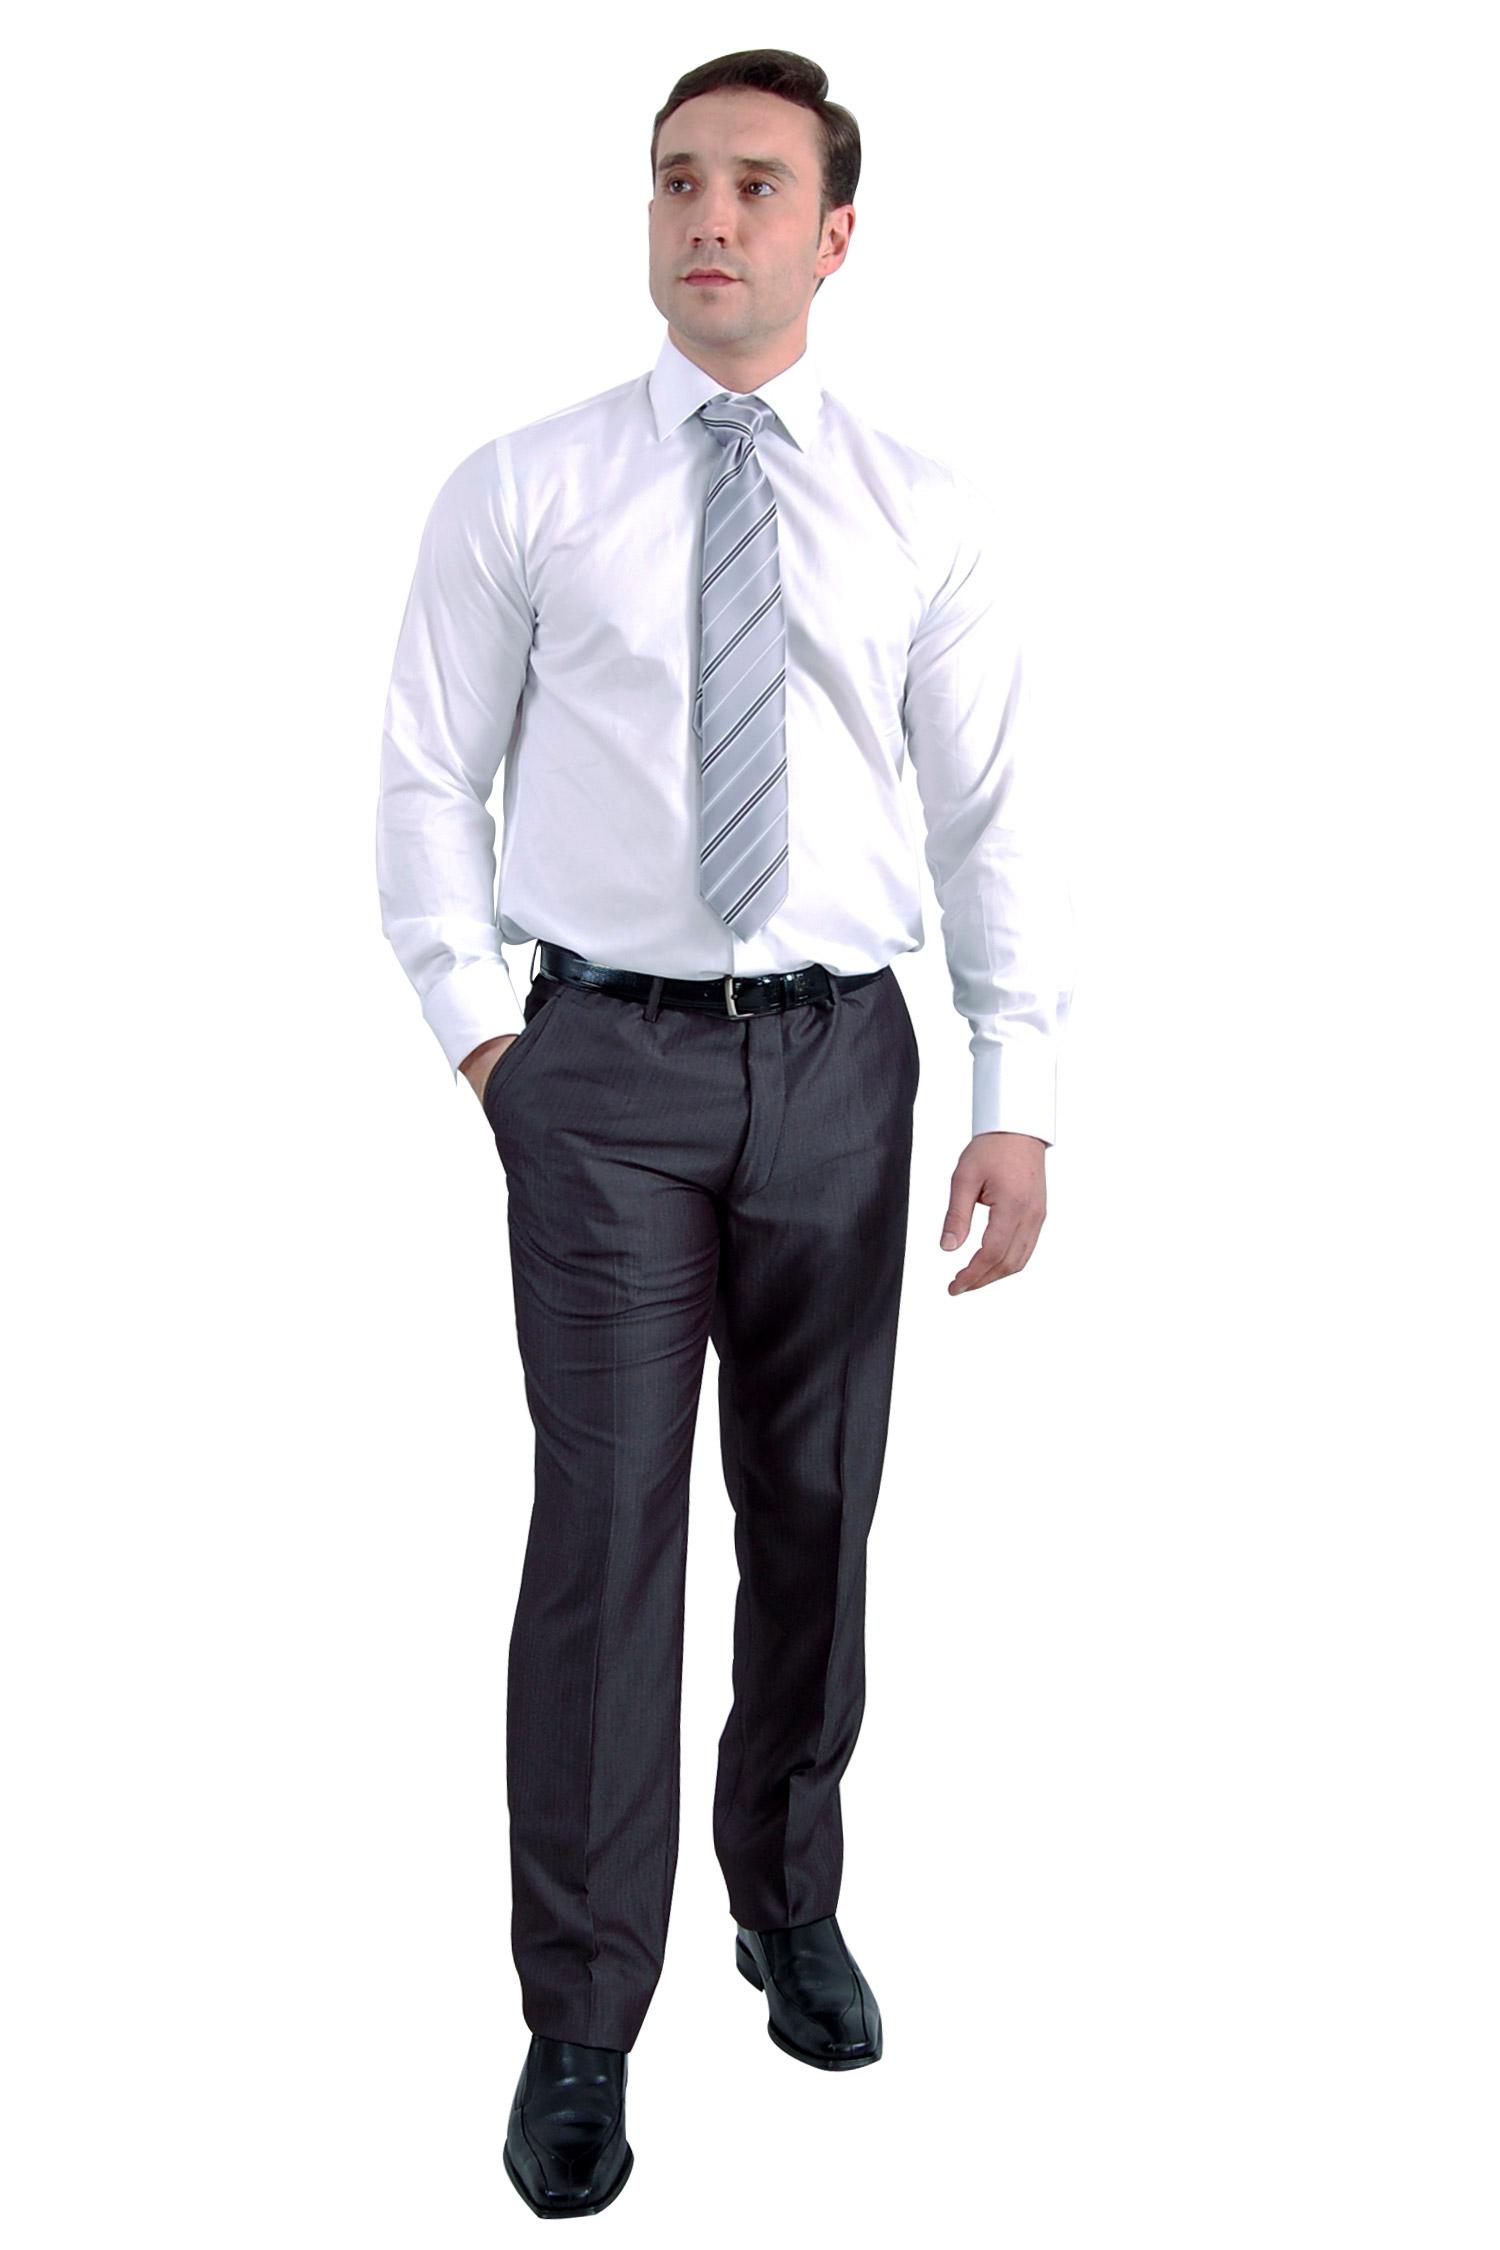 Encuentra Trajes De Vestir Para Hombre Baratos - Hombre en Mercado Libre México. Descubre la mejor forma de comprar online.